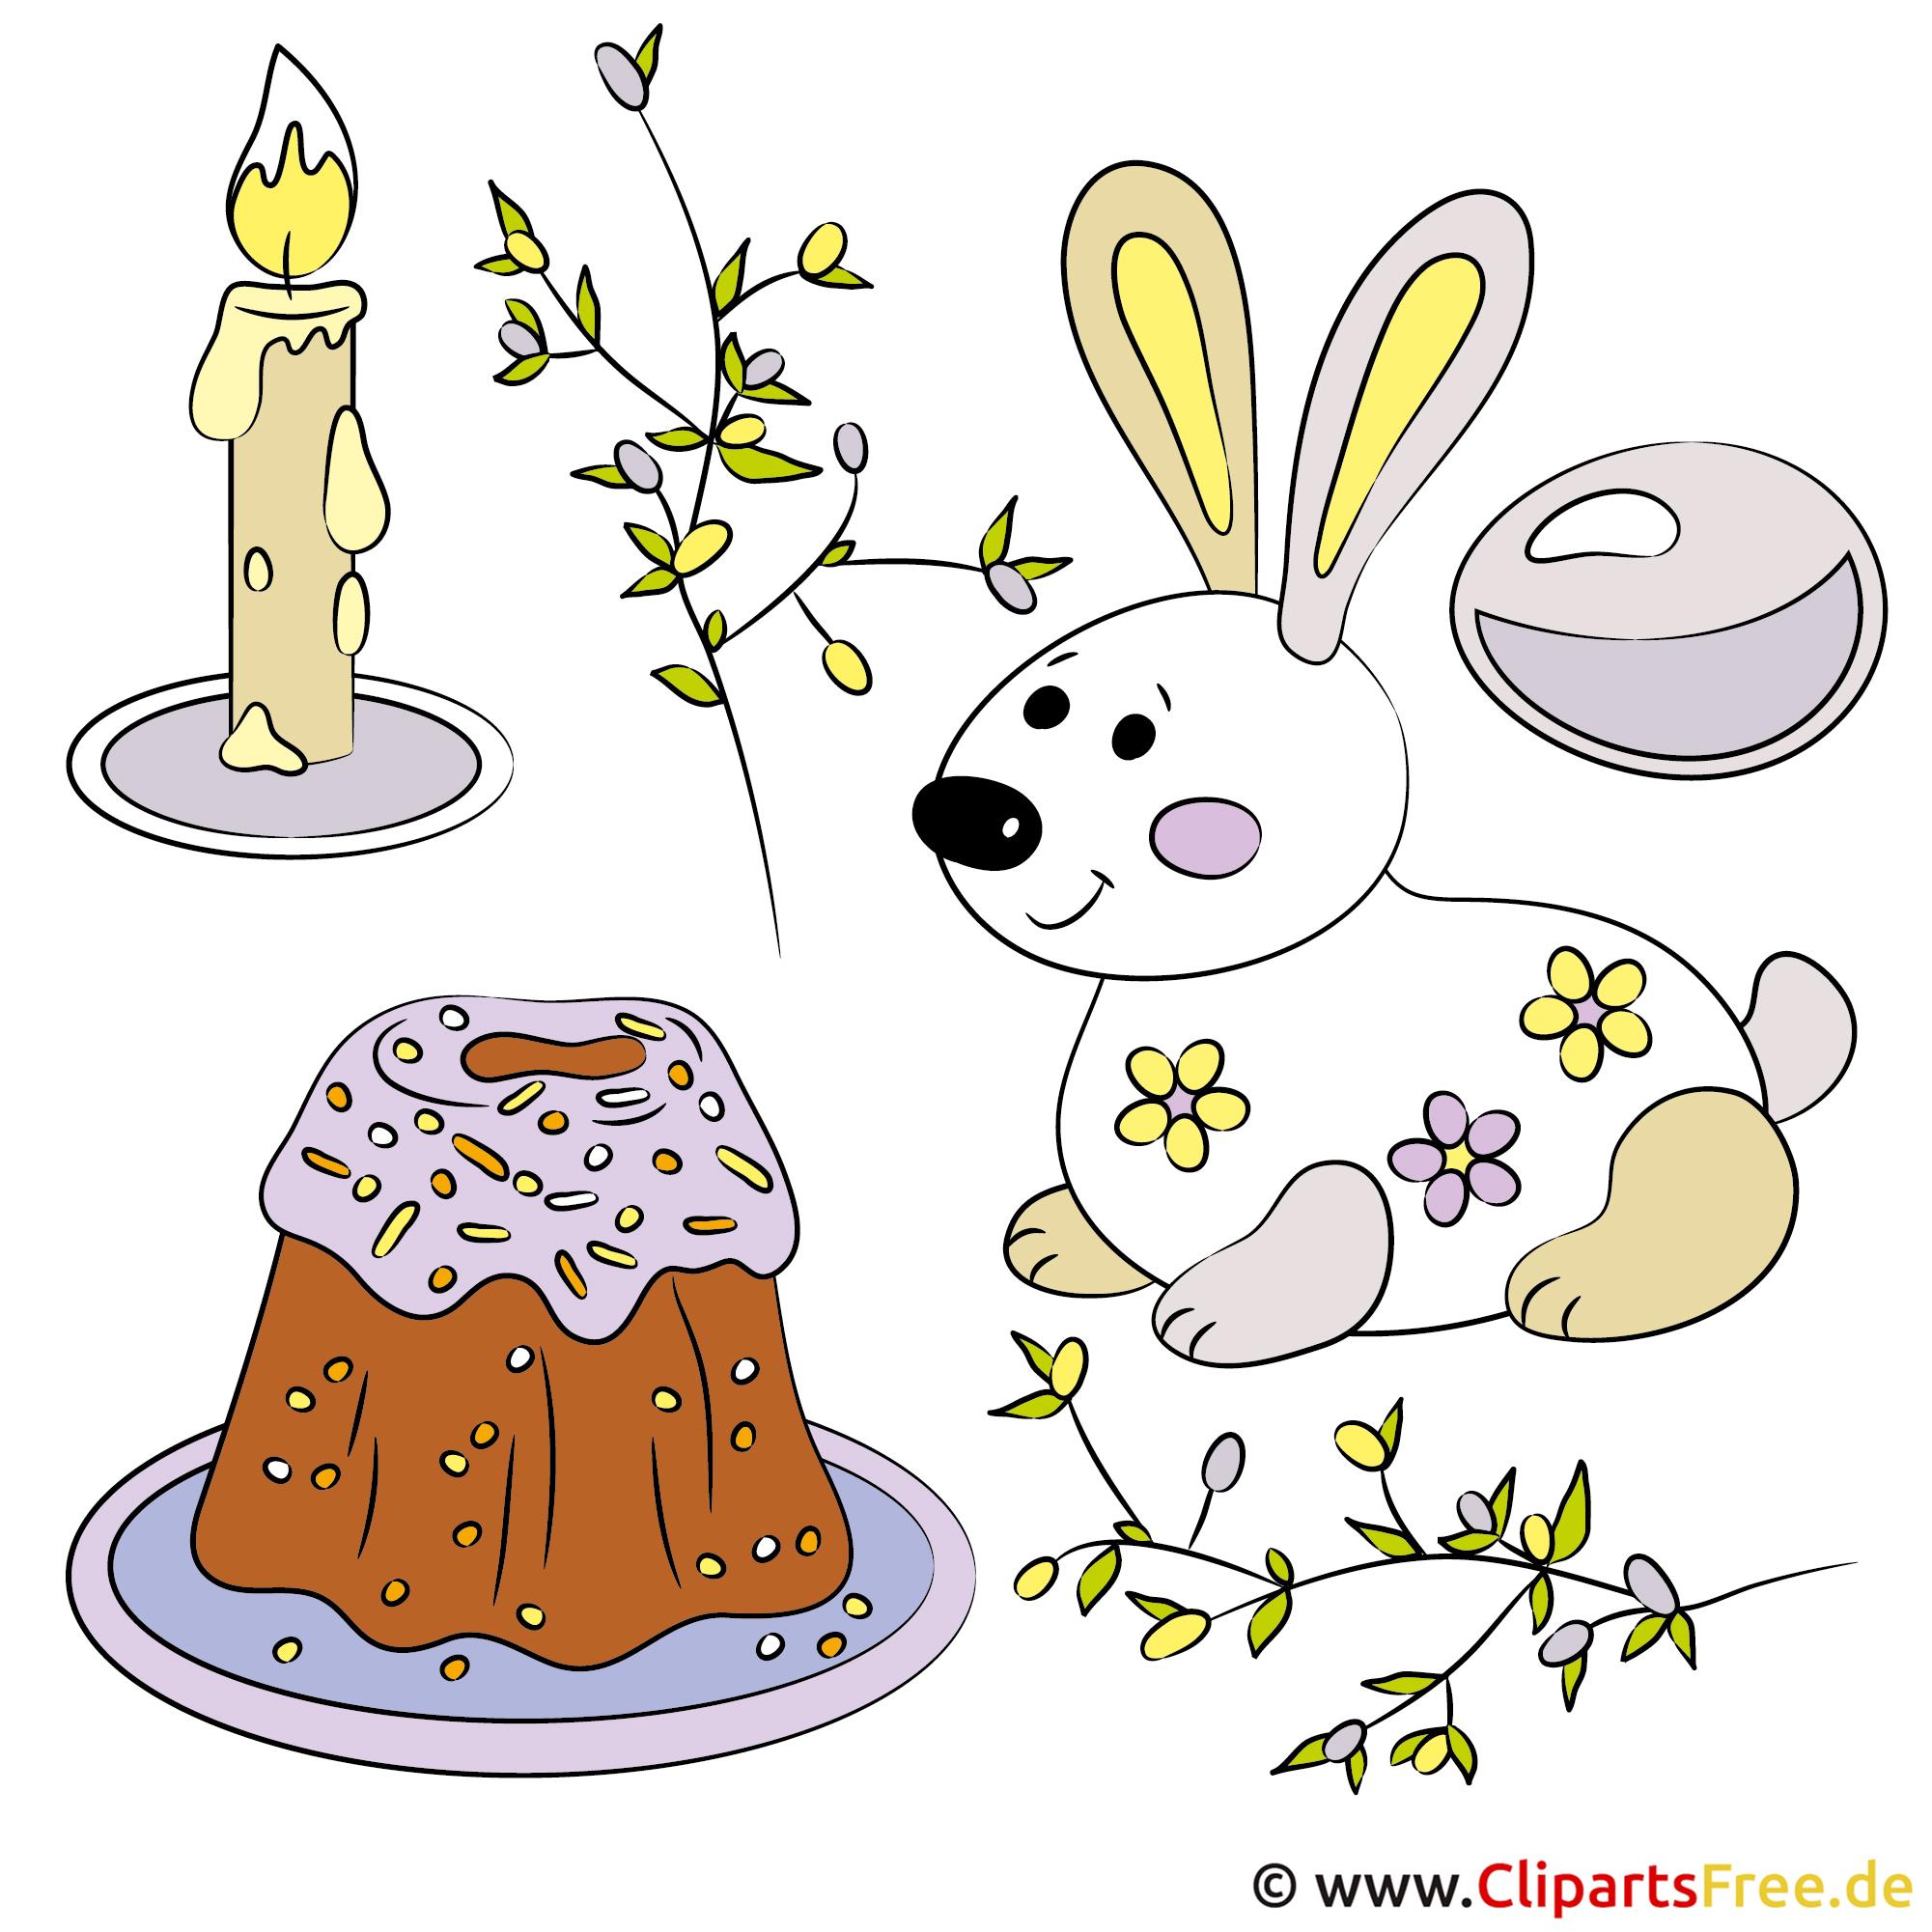 Frohe Ostern Clipart, Illustration, Glückwunschkarte